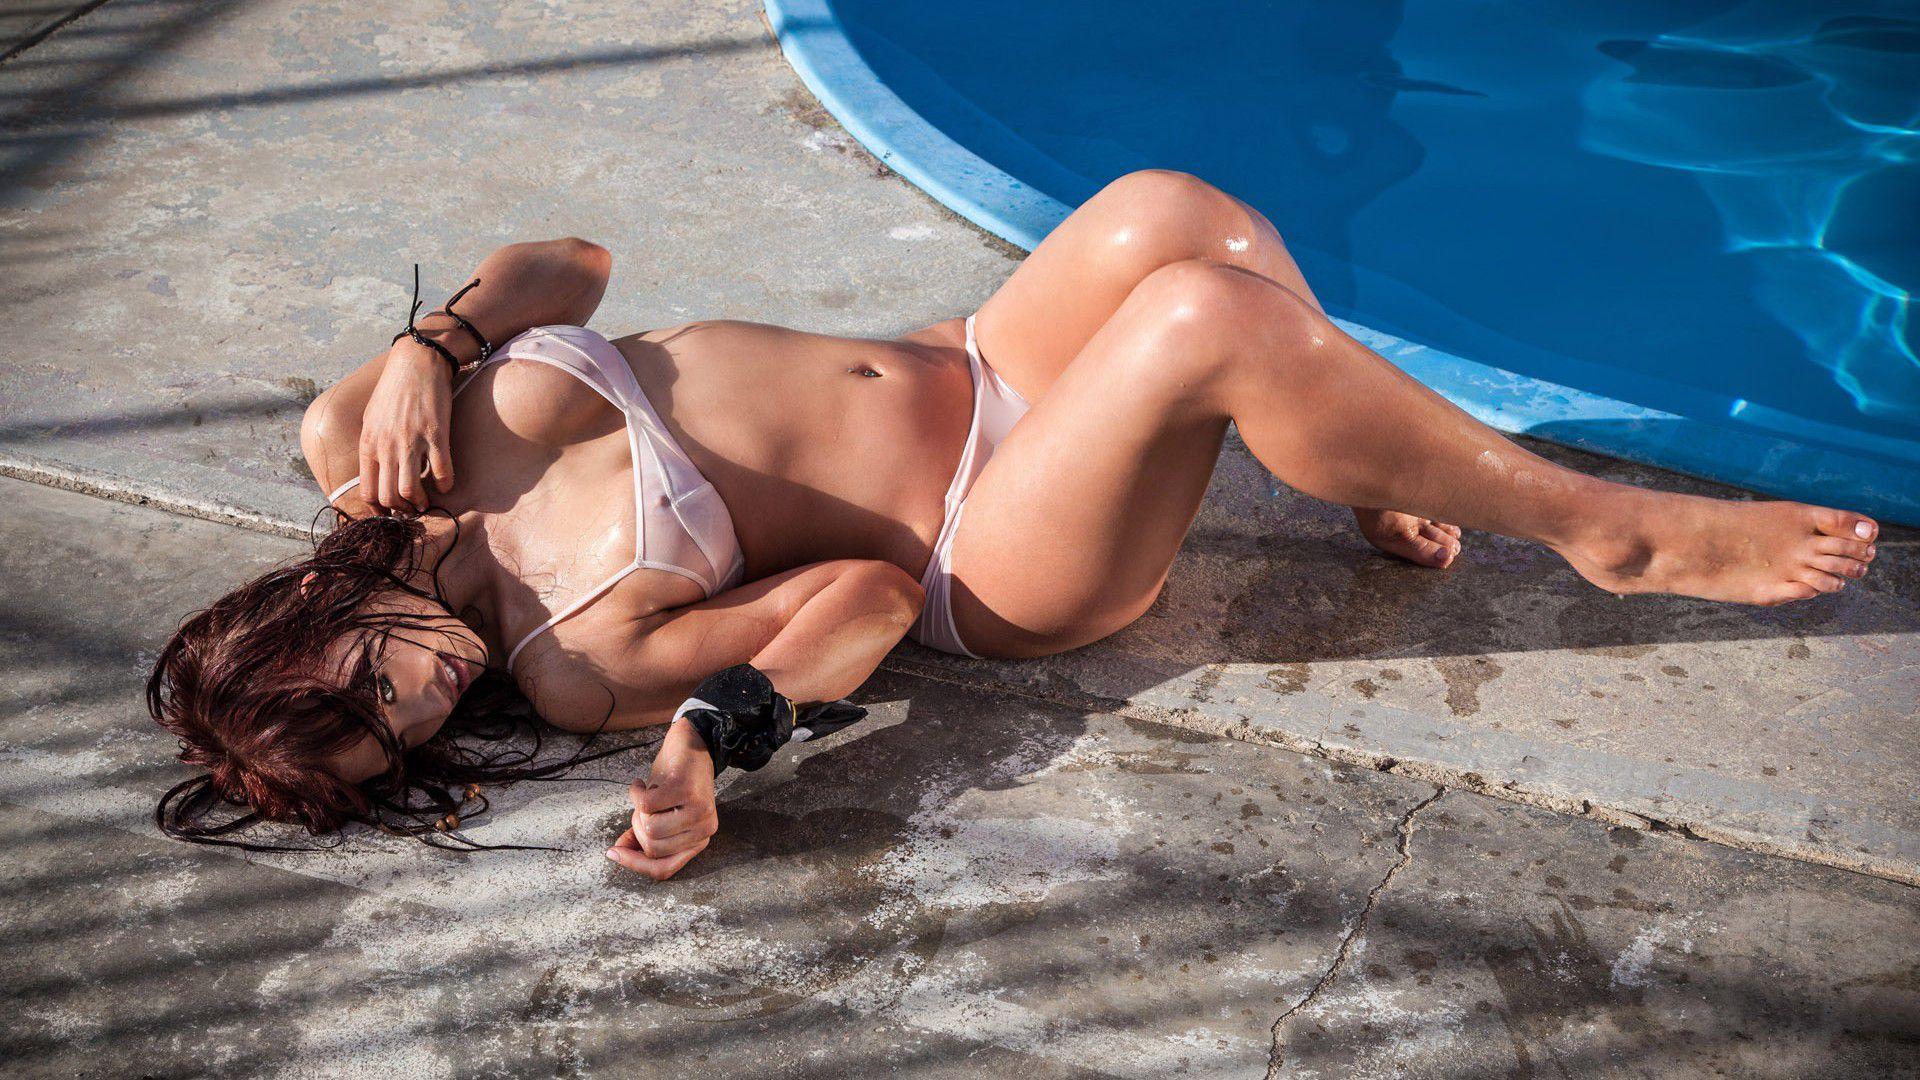 фото модель демонстрирует свое тело у басеена меня еще было